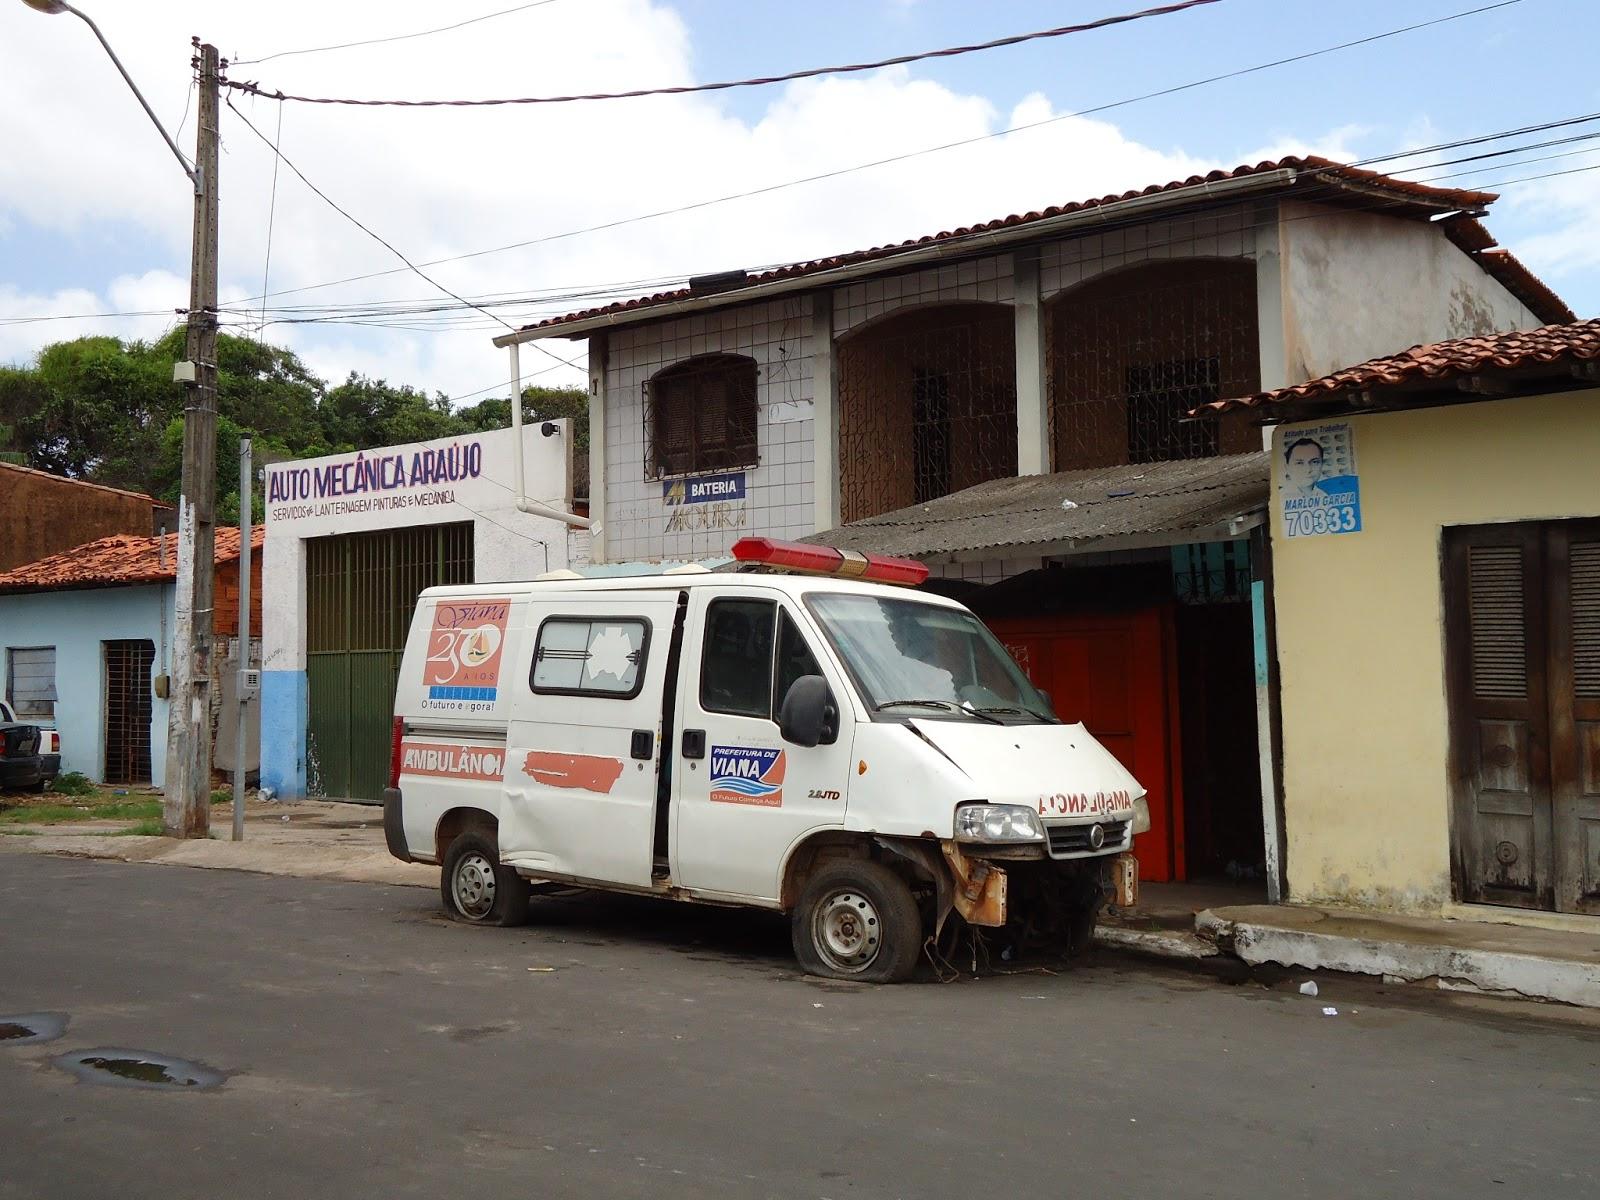 ambulância abandonad